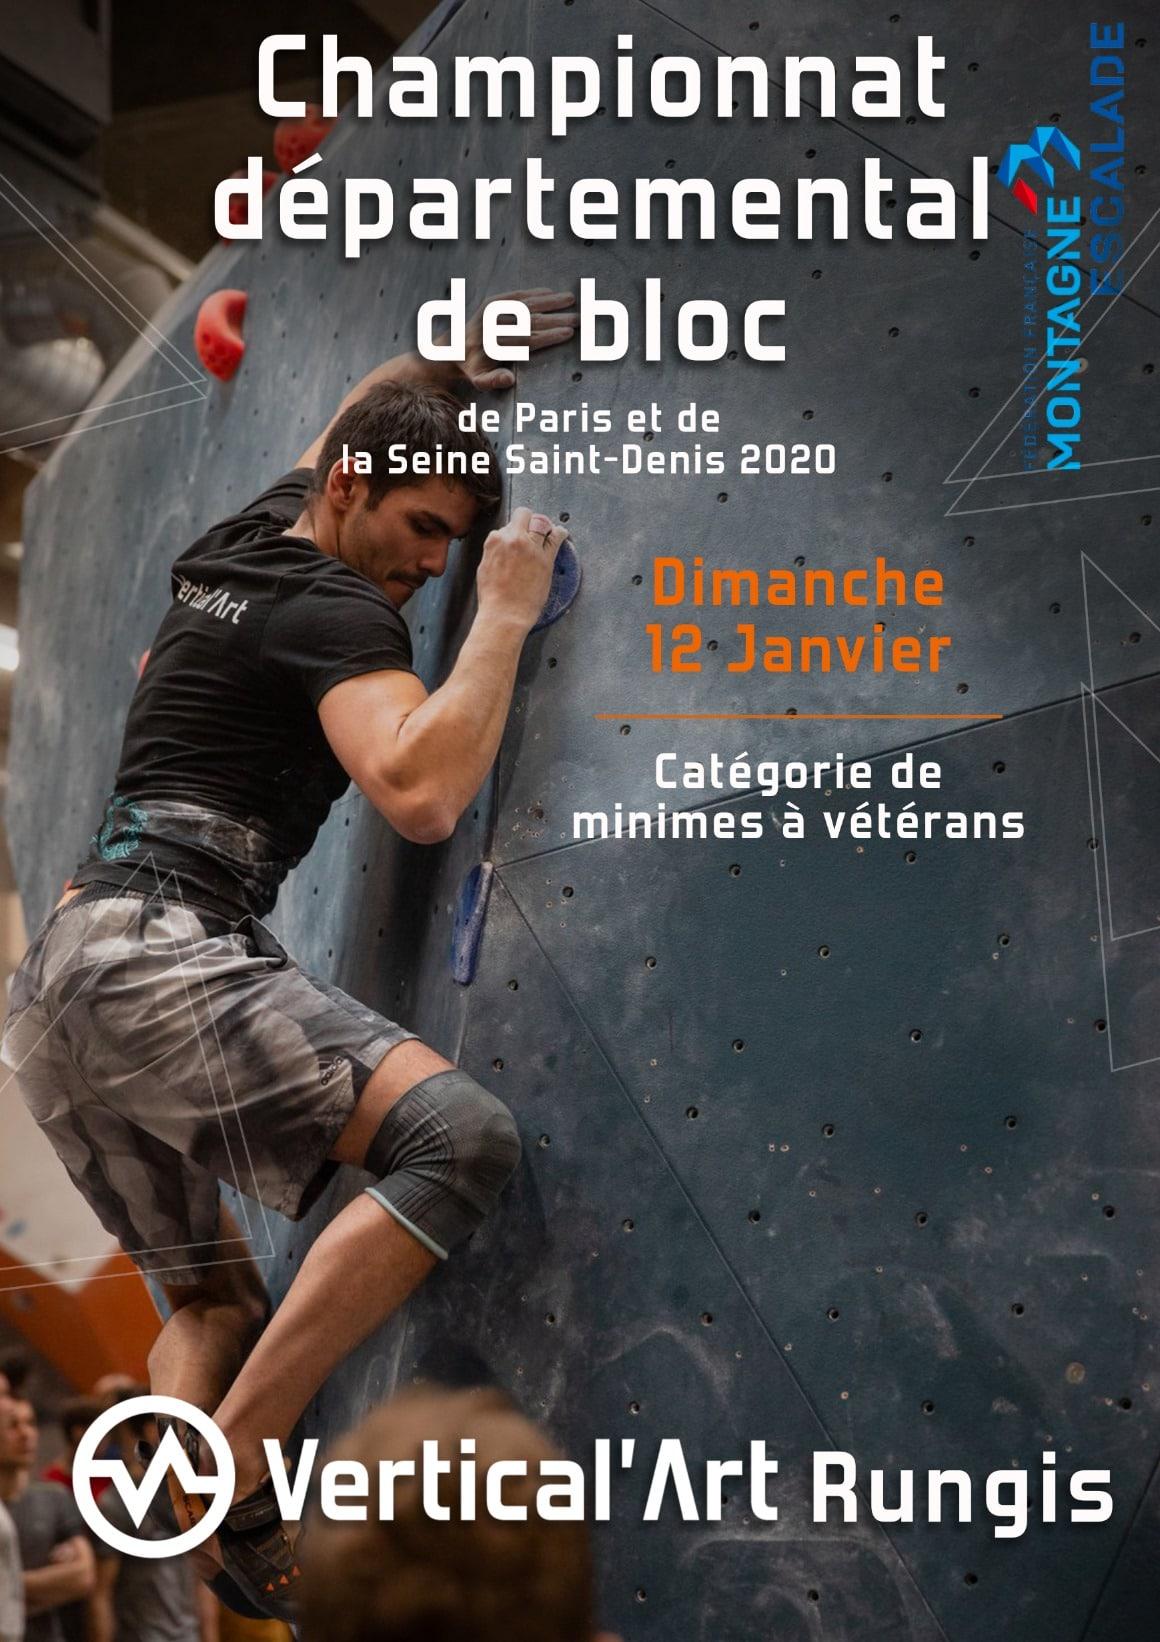 Championnat départemental de Bloc à Vertical'Art Rungis - salle d'escalade de bloc- restaurant et bar - Contest - FFME